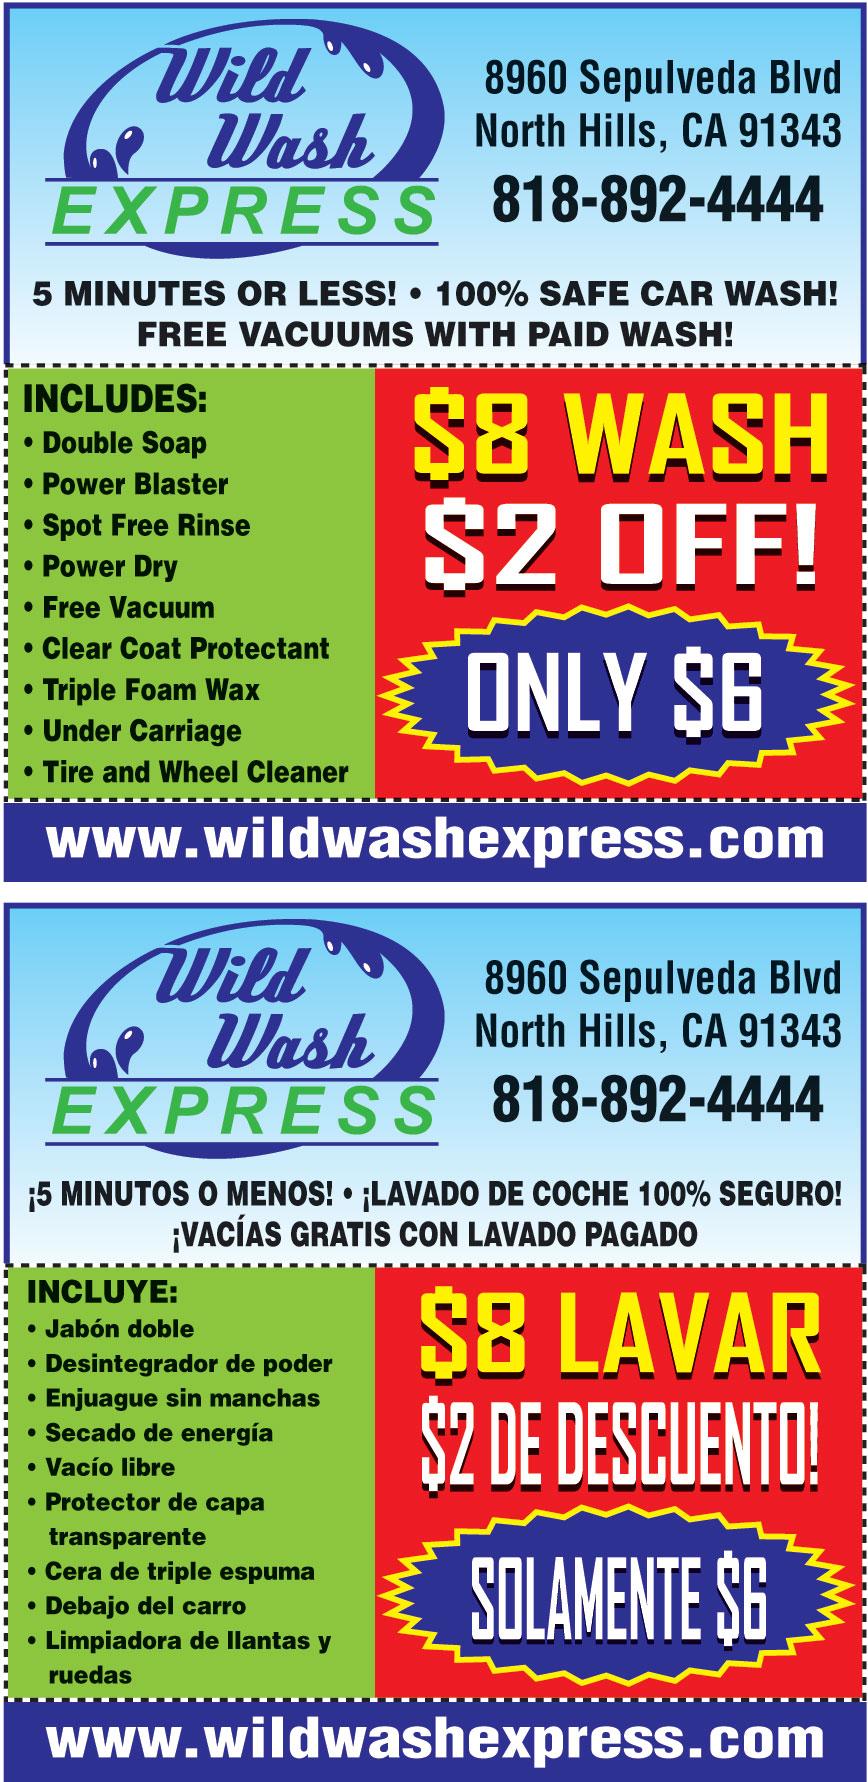 WILD WASH EXPRESS